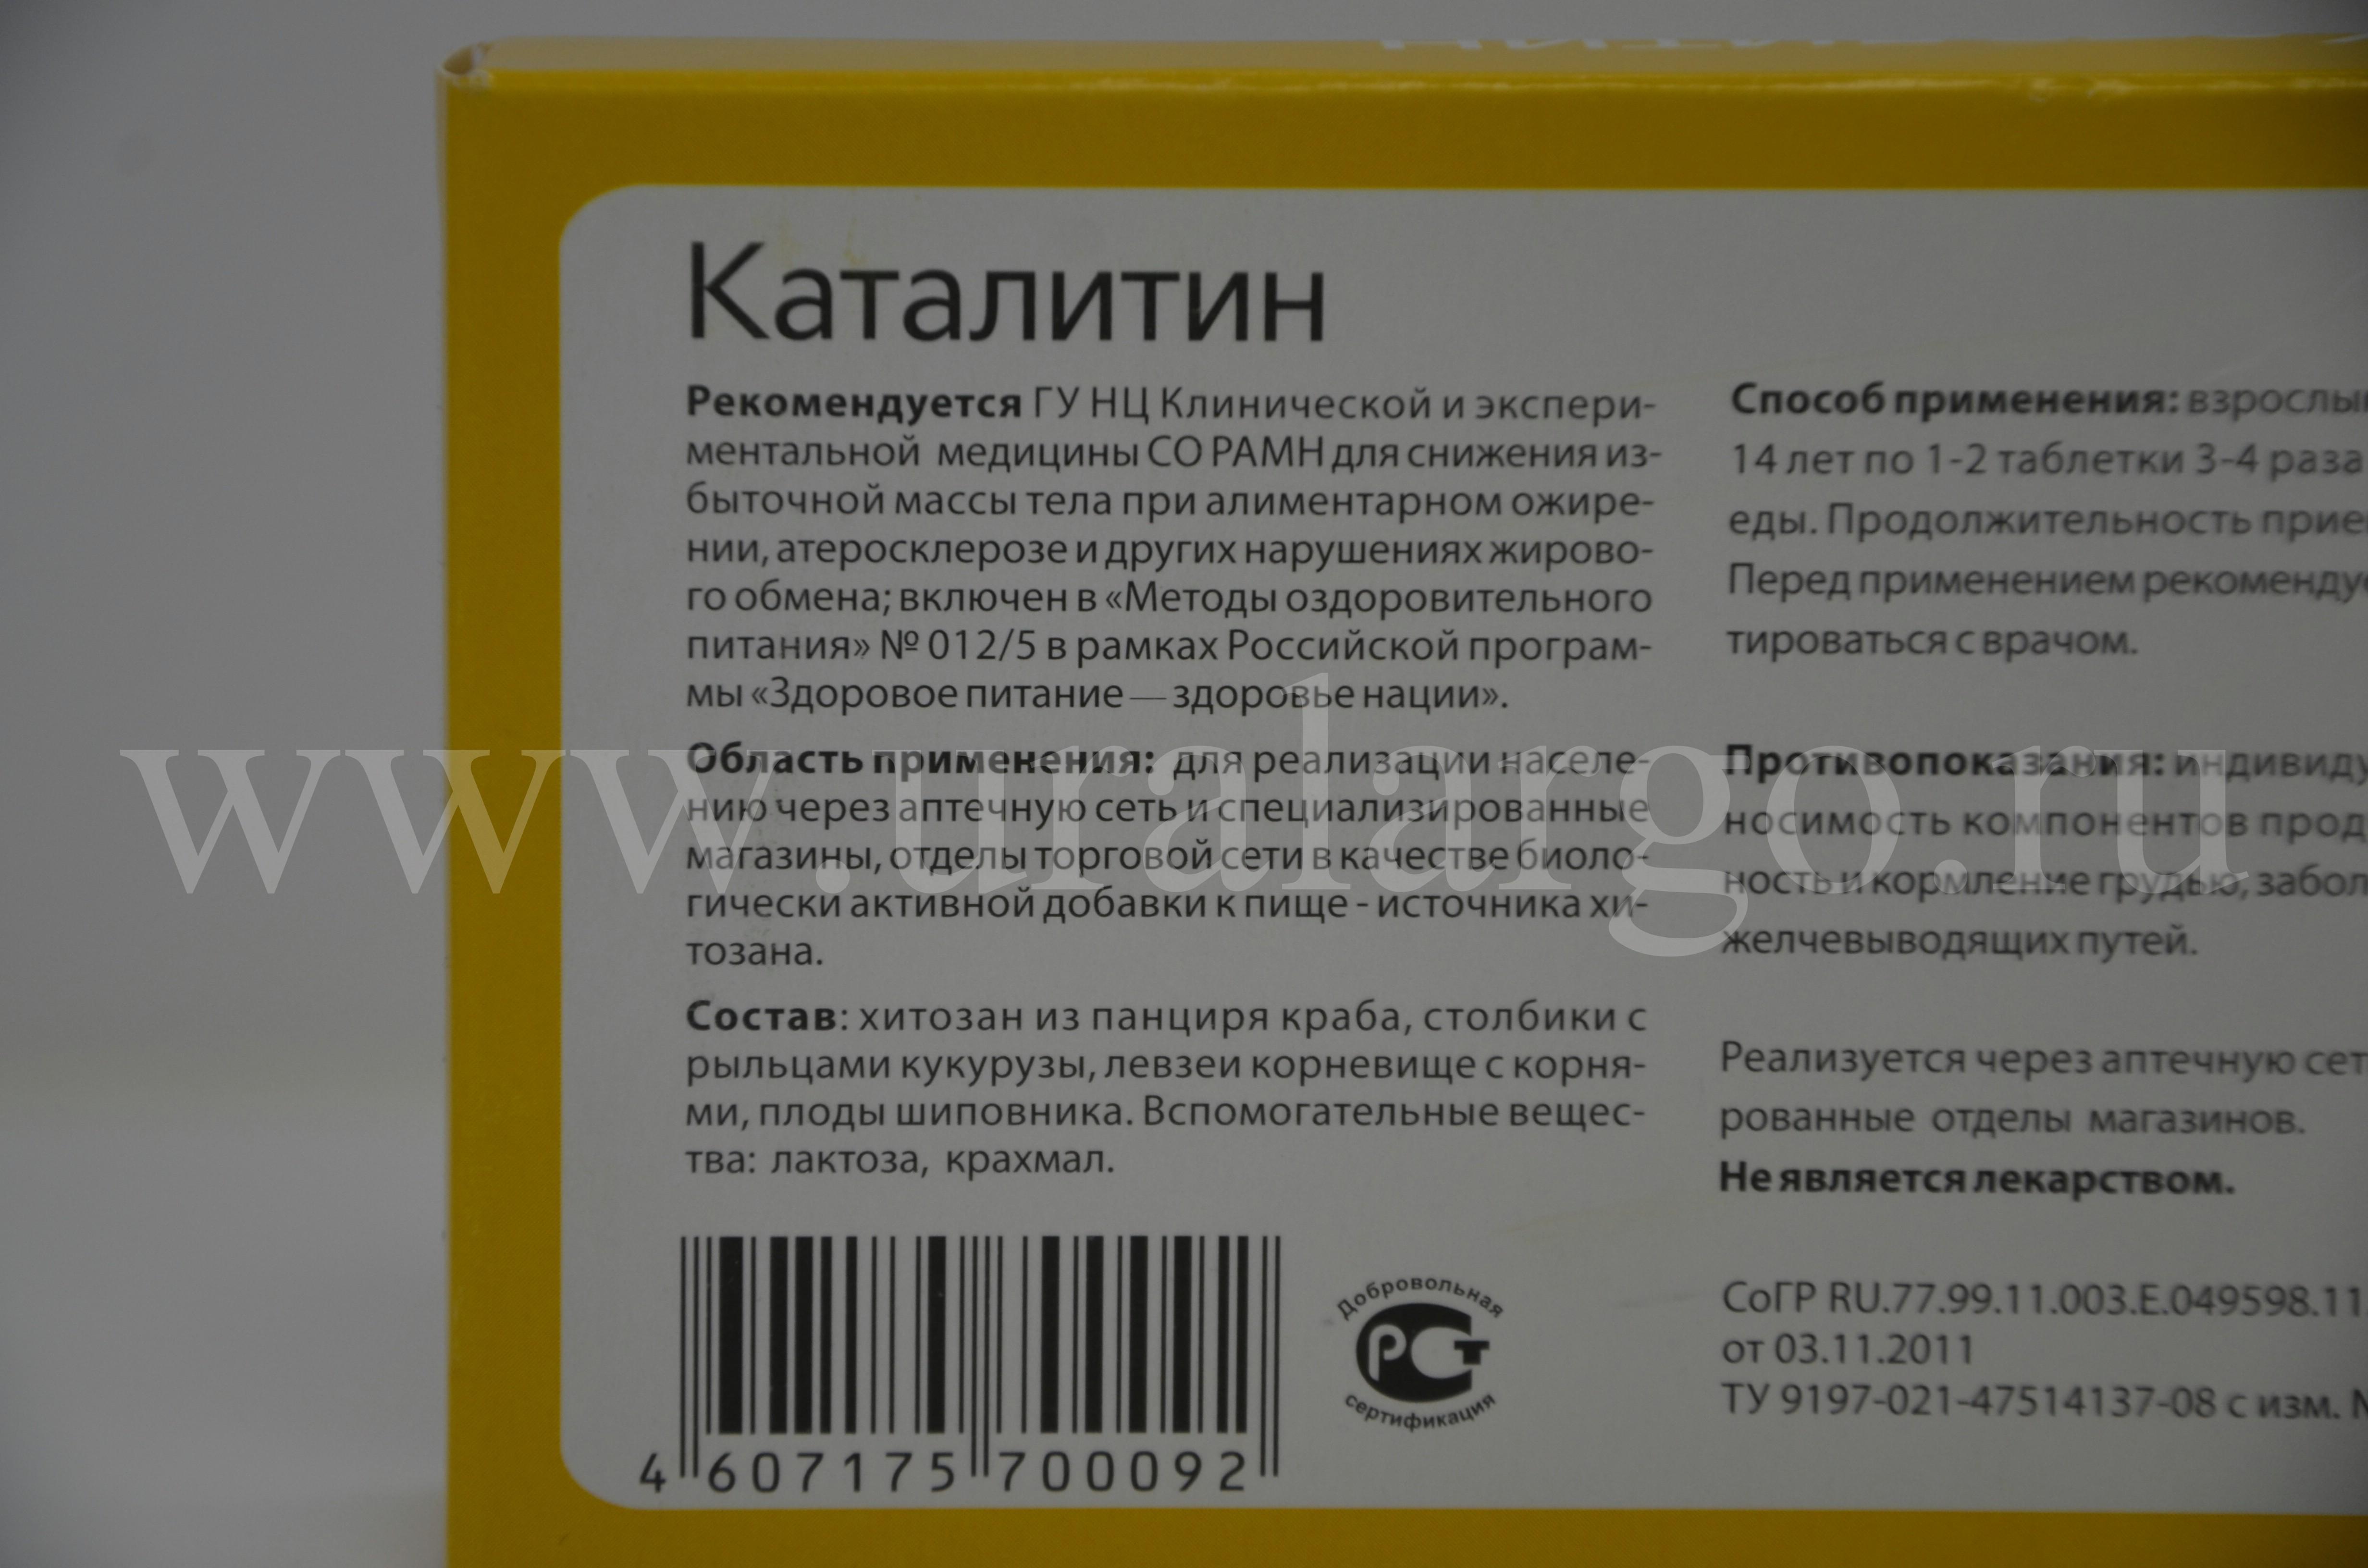 Купить каталитин 40 таблеток в интернет-магазине арго.